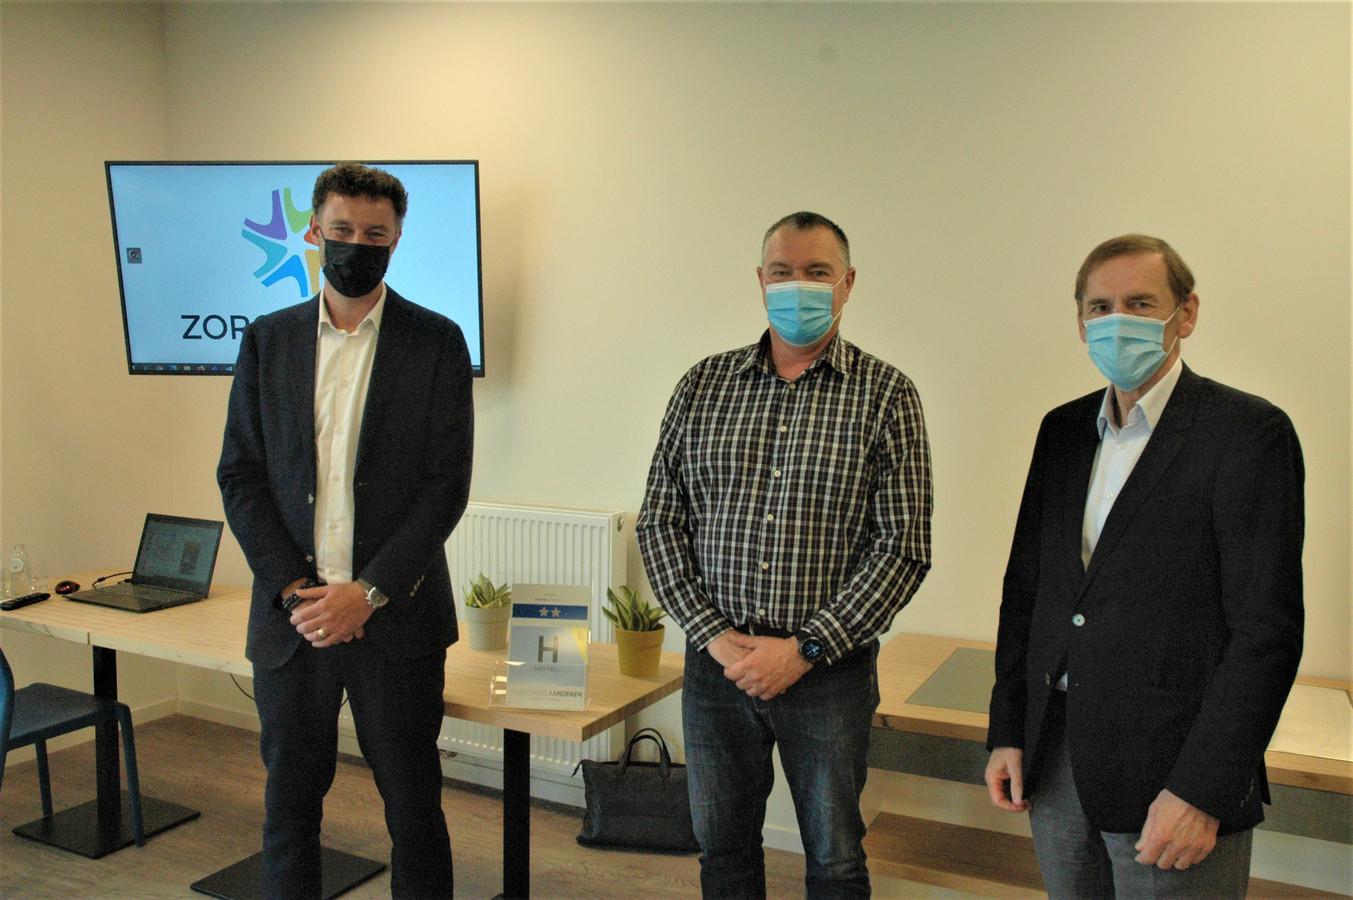 Van links naar rechts: Stijn De Bie van vastgoedkantoor A-Stargroup, Geert Stroobant van vzw Zorgdorpen en burgemeester Luc Dupont.